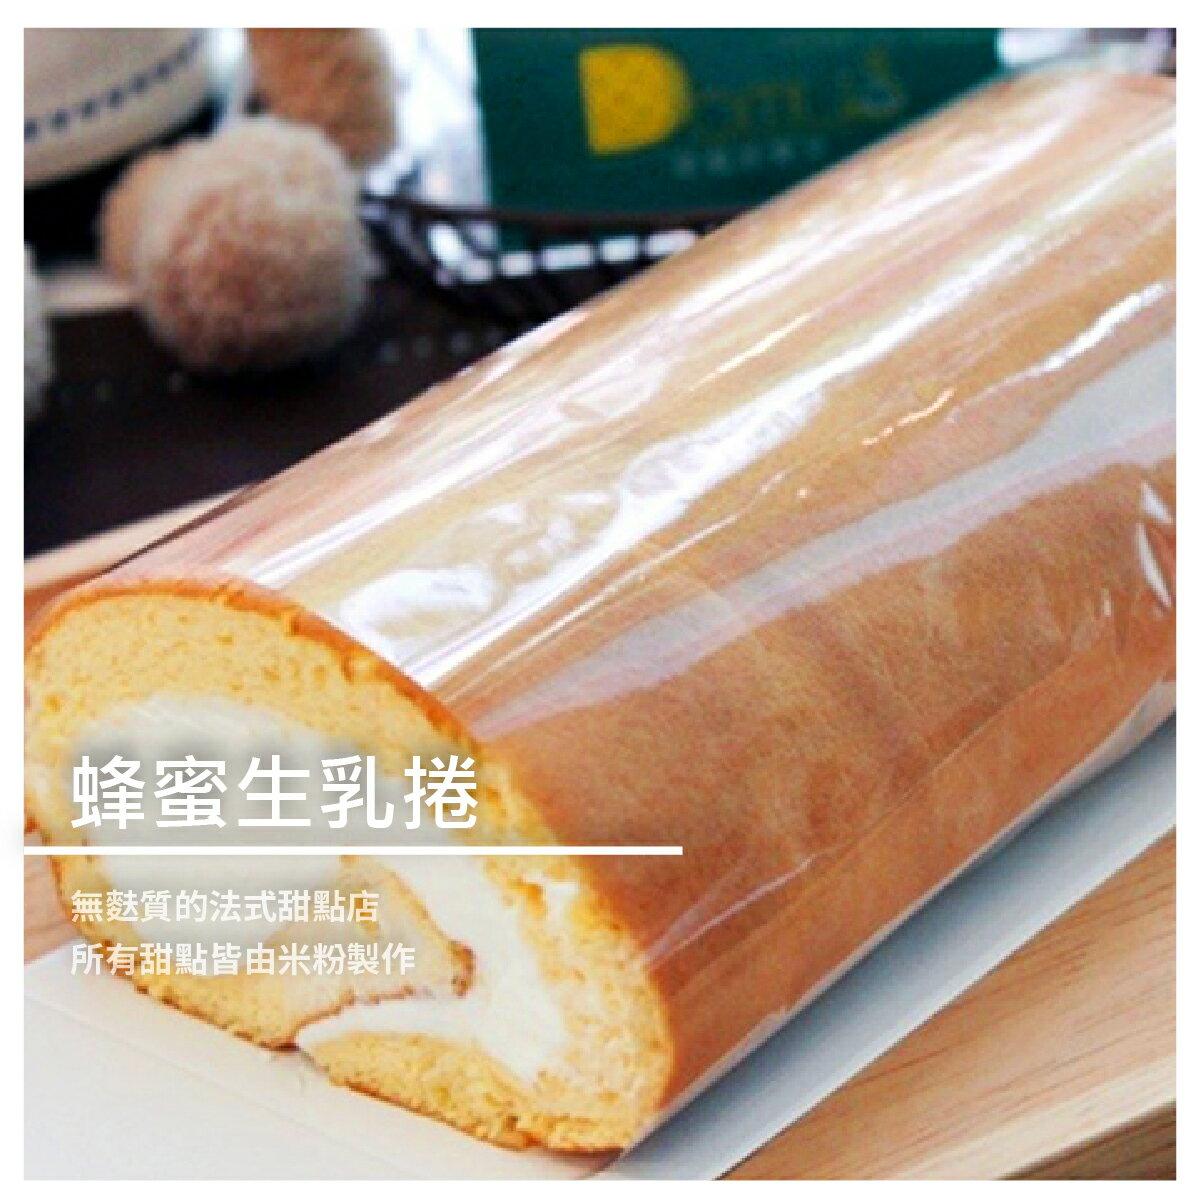 【Domus幸福洋菓子】蜂蜜生乳捲一條18cm